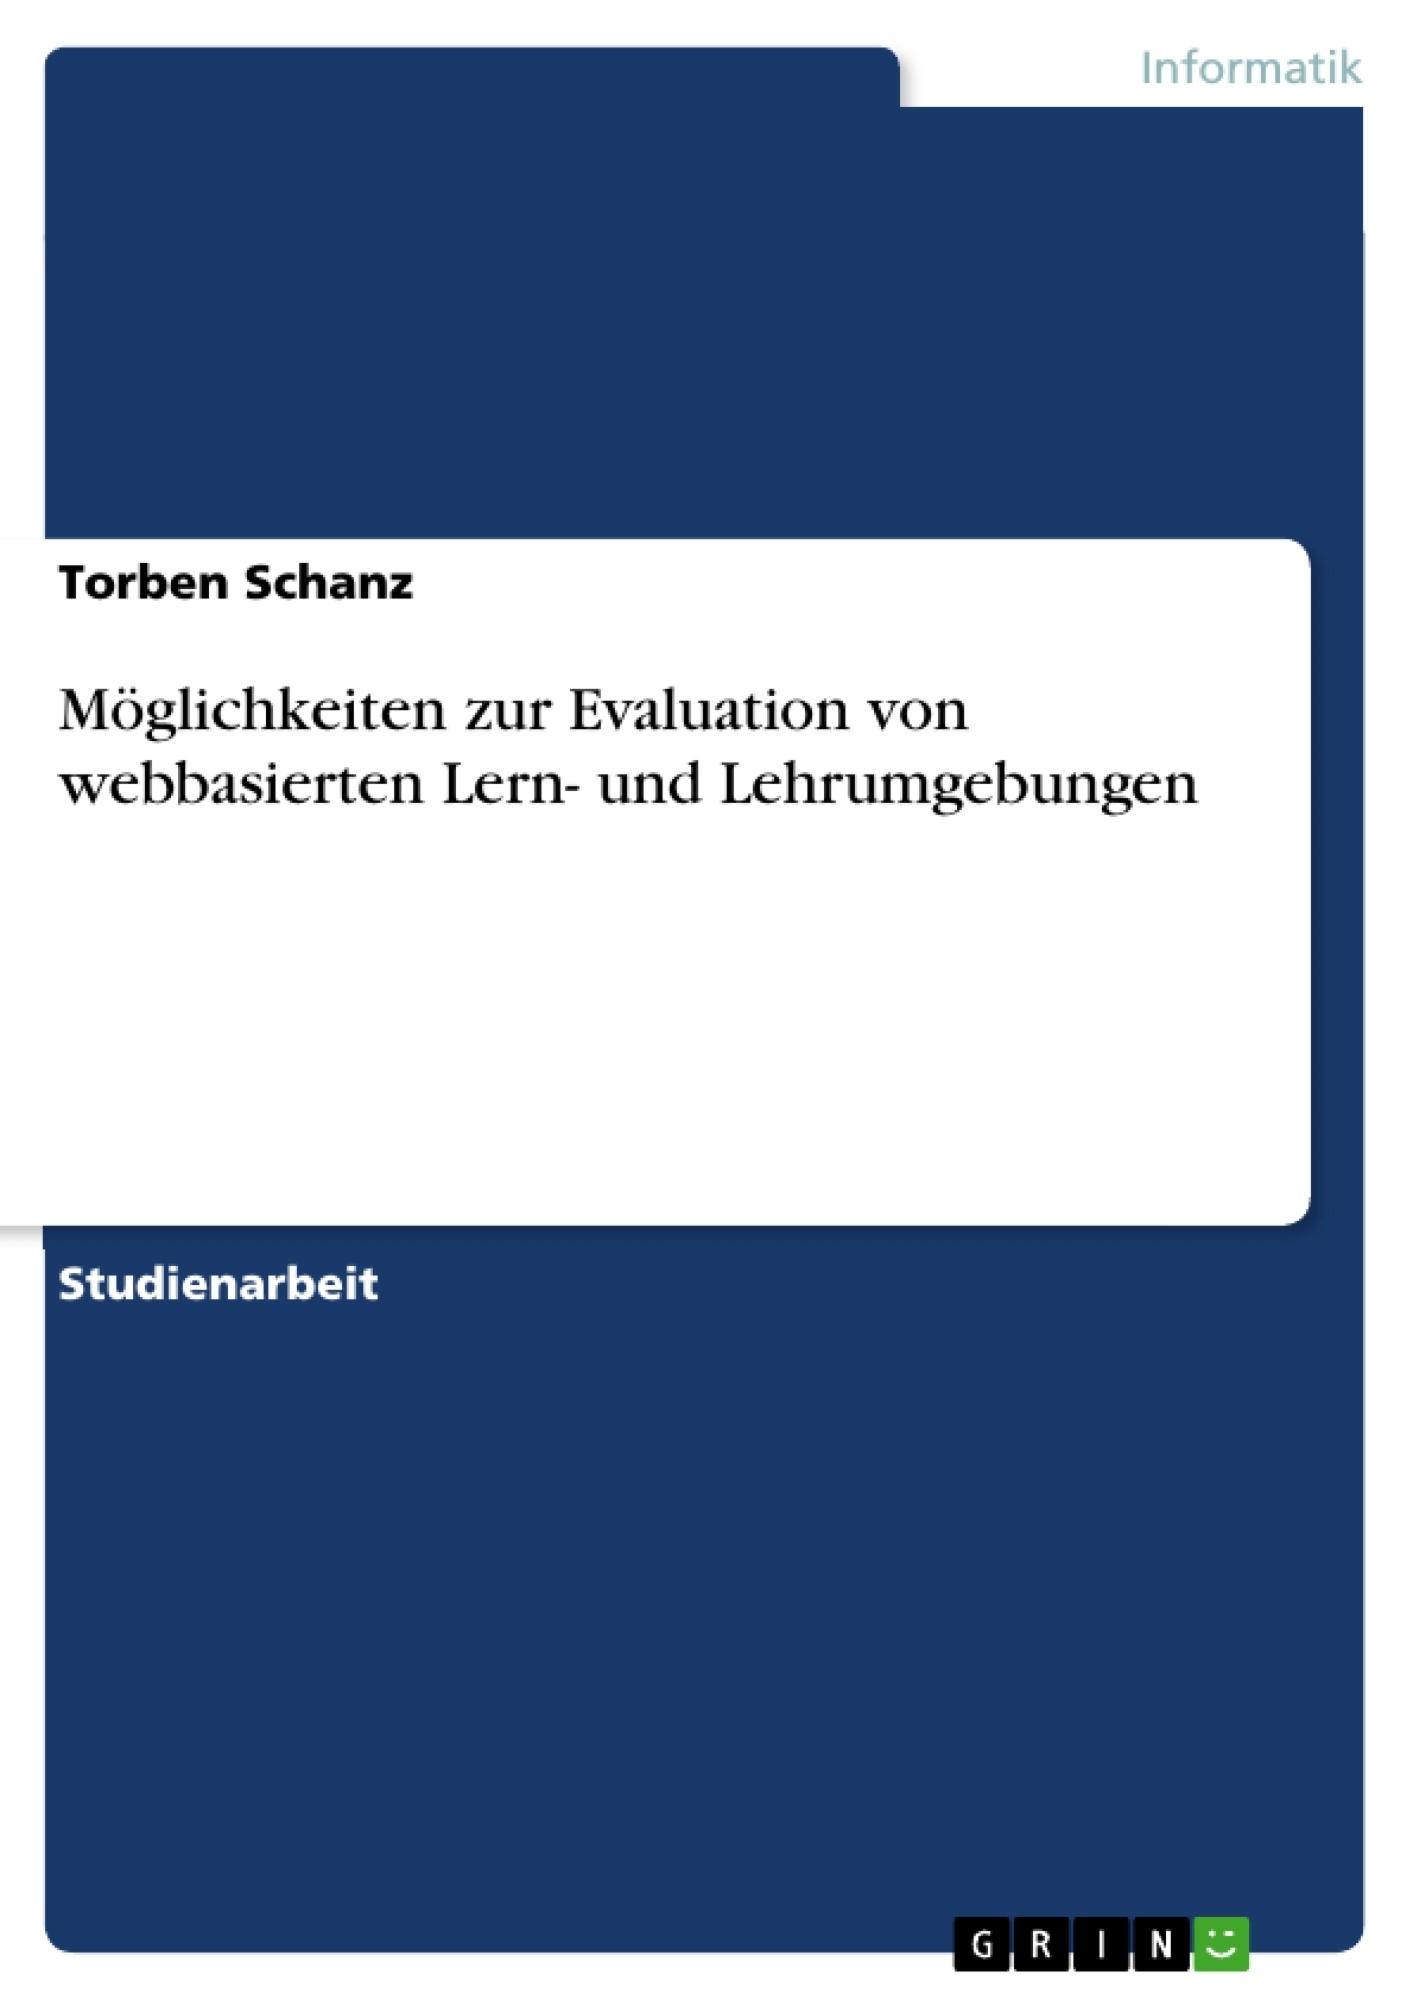 Titel: Möglichkeiten zur Evaluation von webbasierten Lern- und Lehrumgebungen